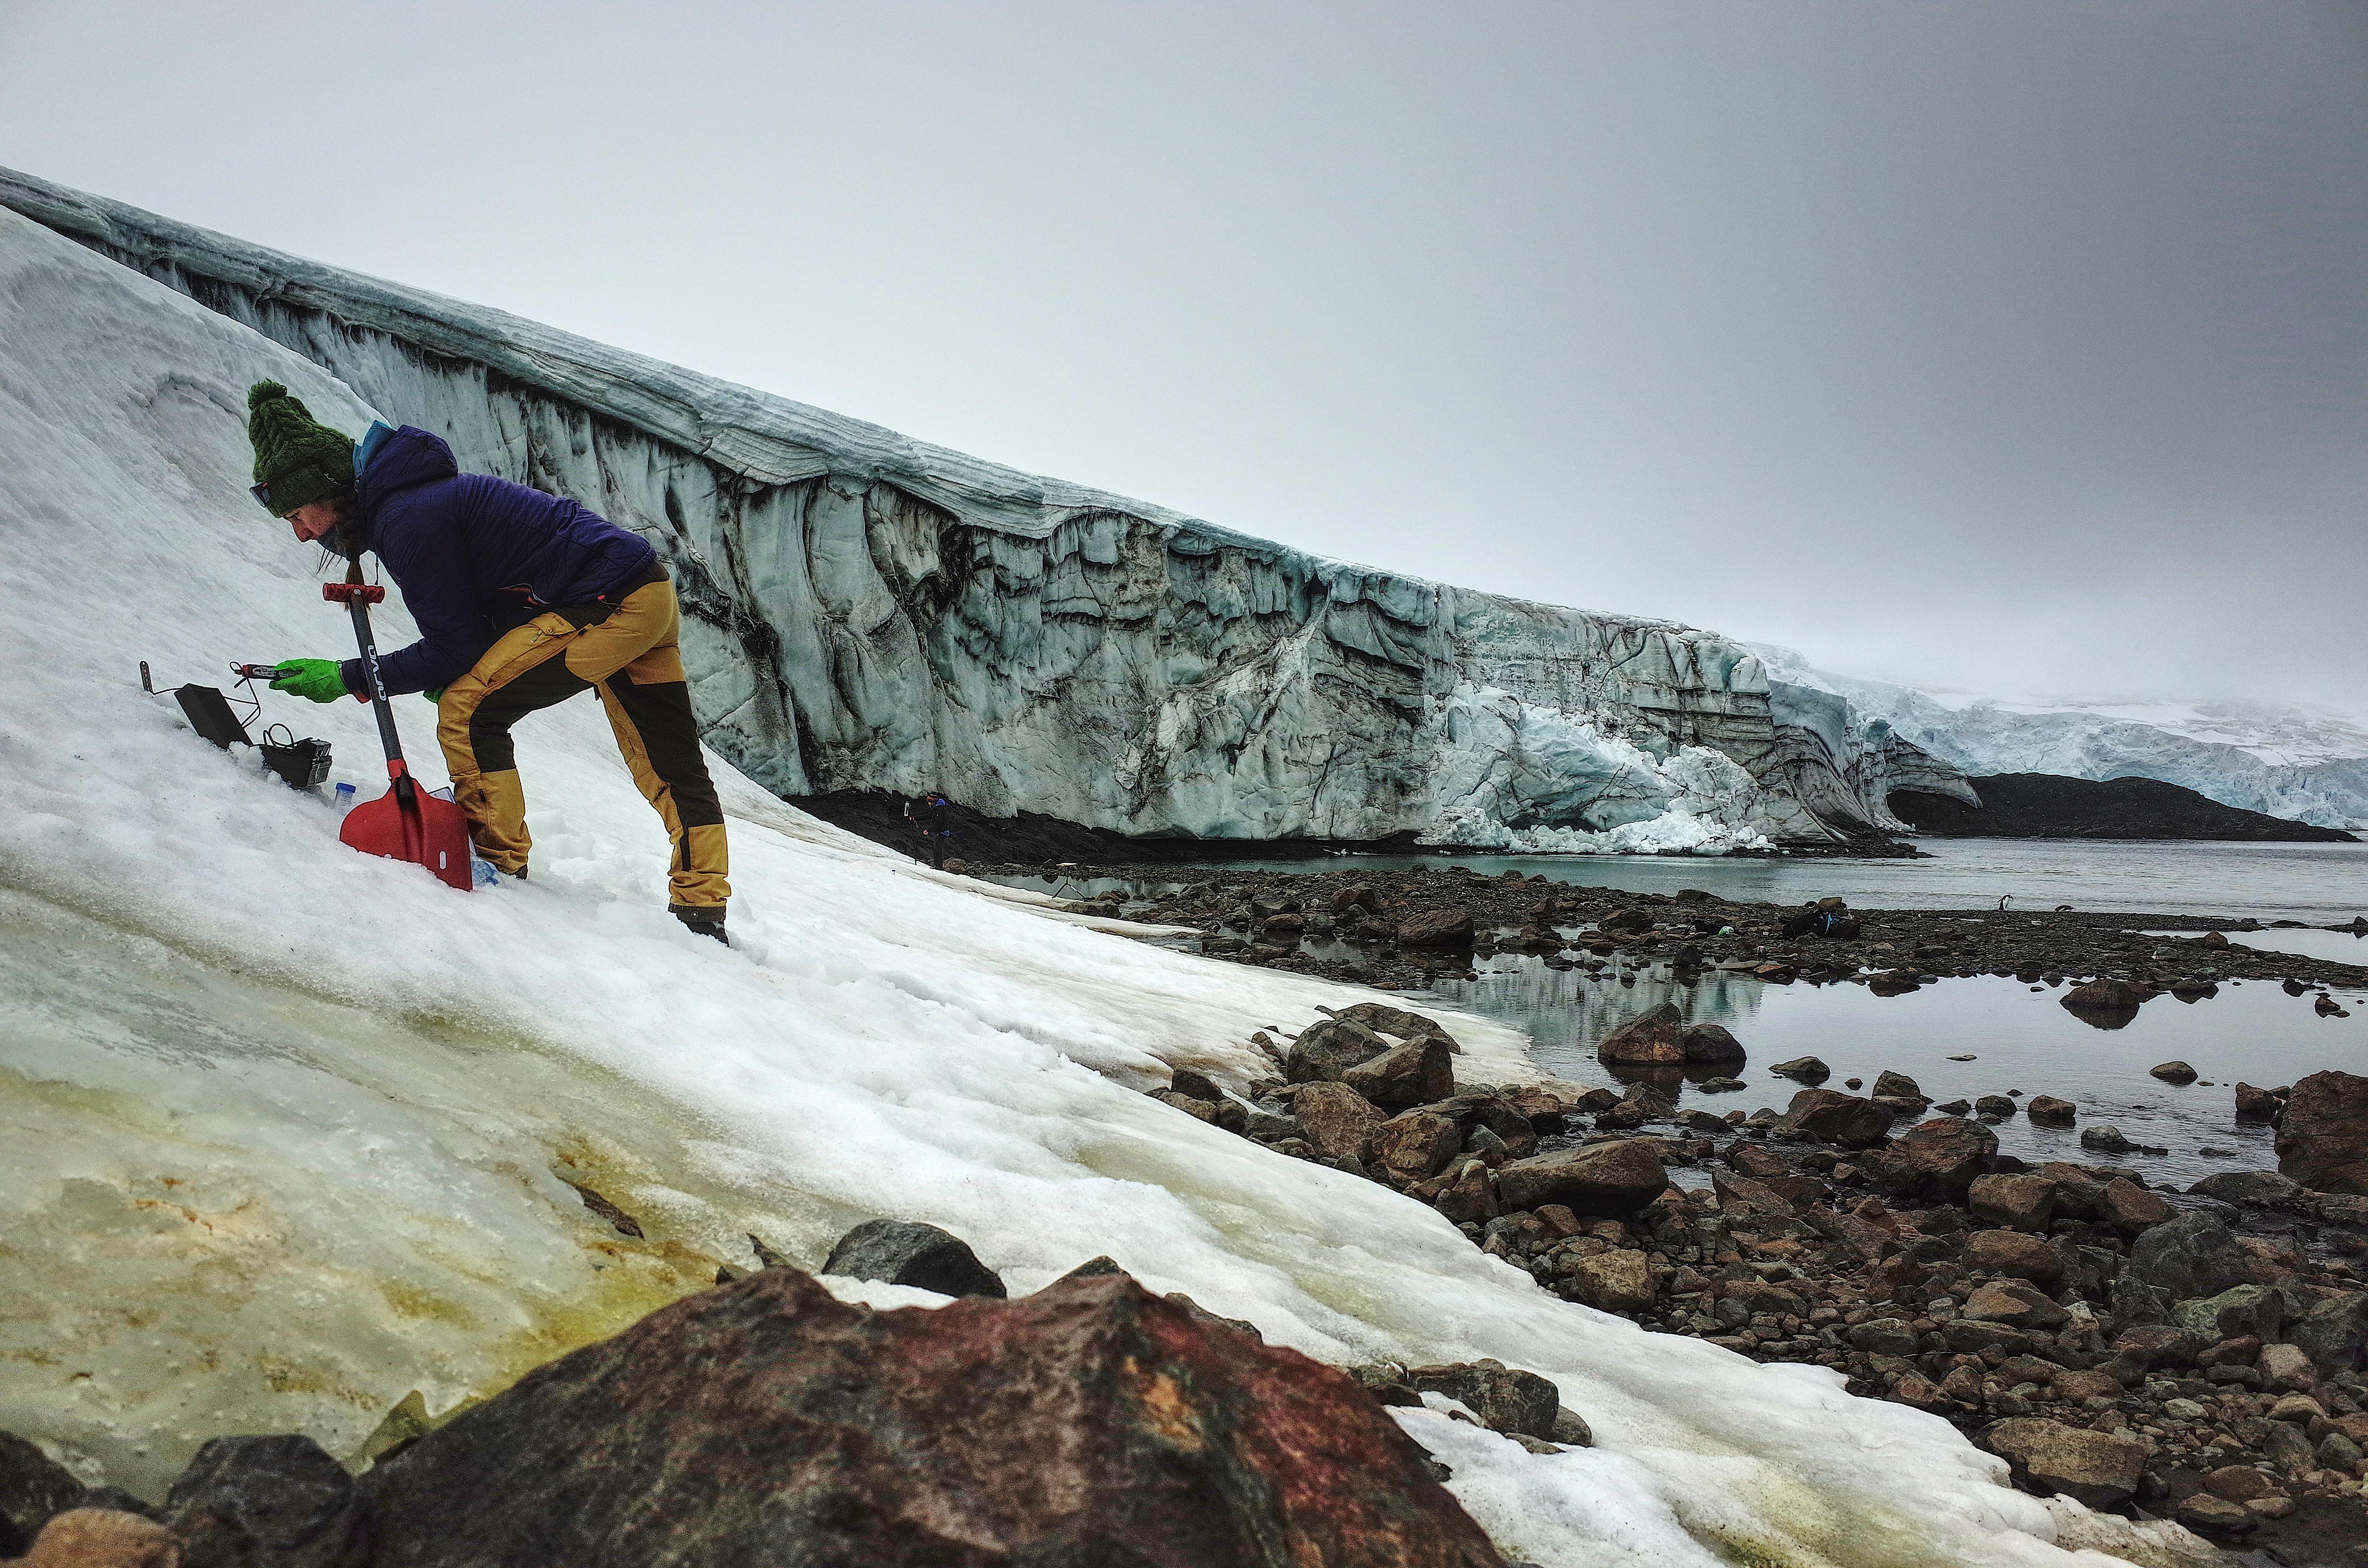 Folleto sin fecha publicada por la Universidad de Cambridge el 20 de mayo de 2020 que muestra a Monika Mendelova tomando muestras de algas en el glaciar Collins, en la Antártida. (AFP PHOTO / Dr Matt Davey - Universidad de Cambridge / SAMS)